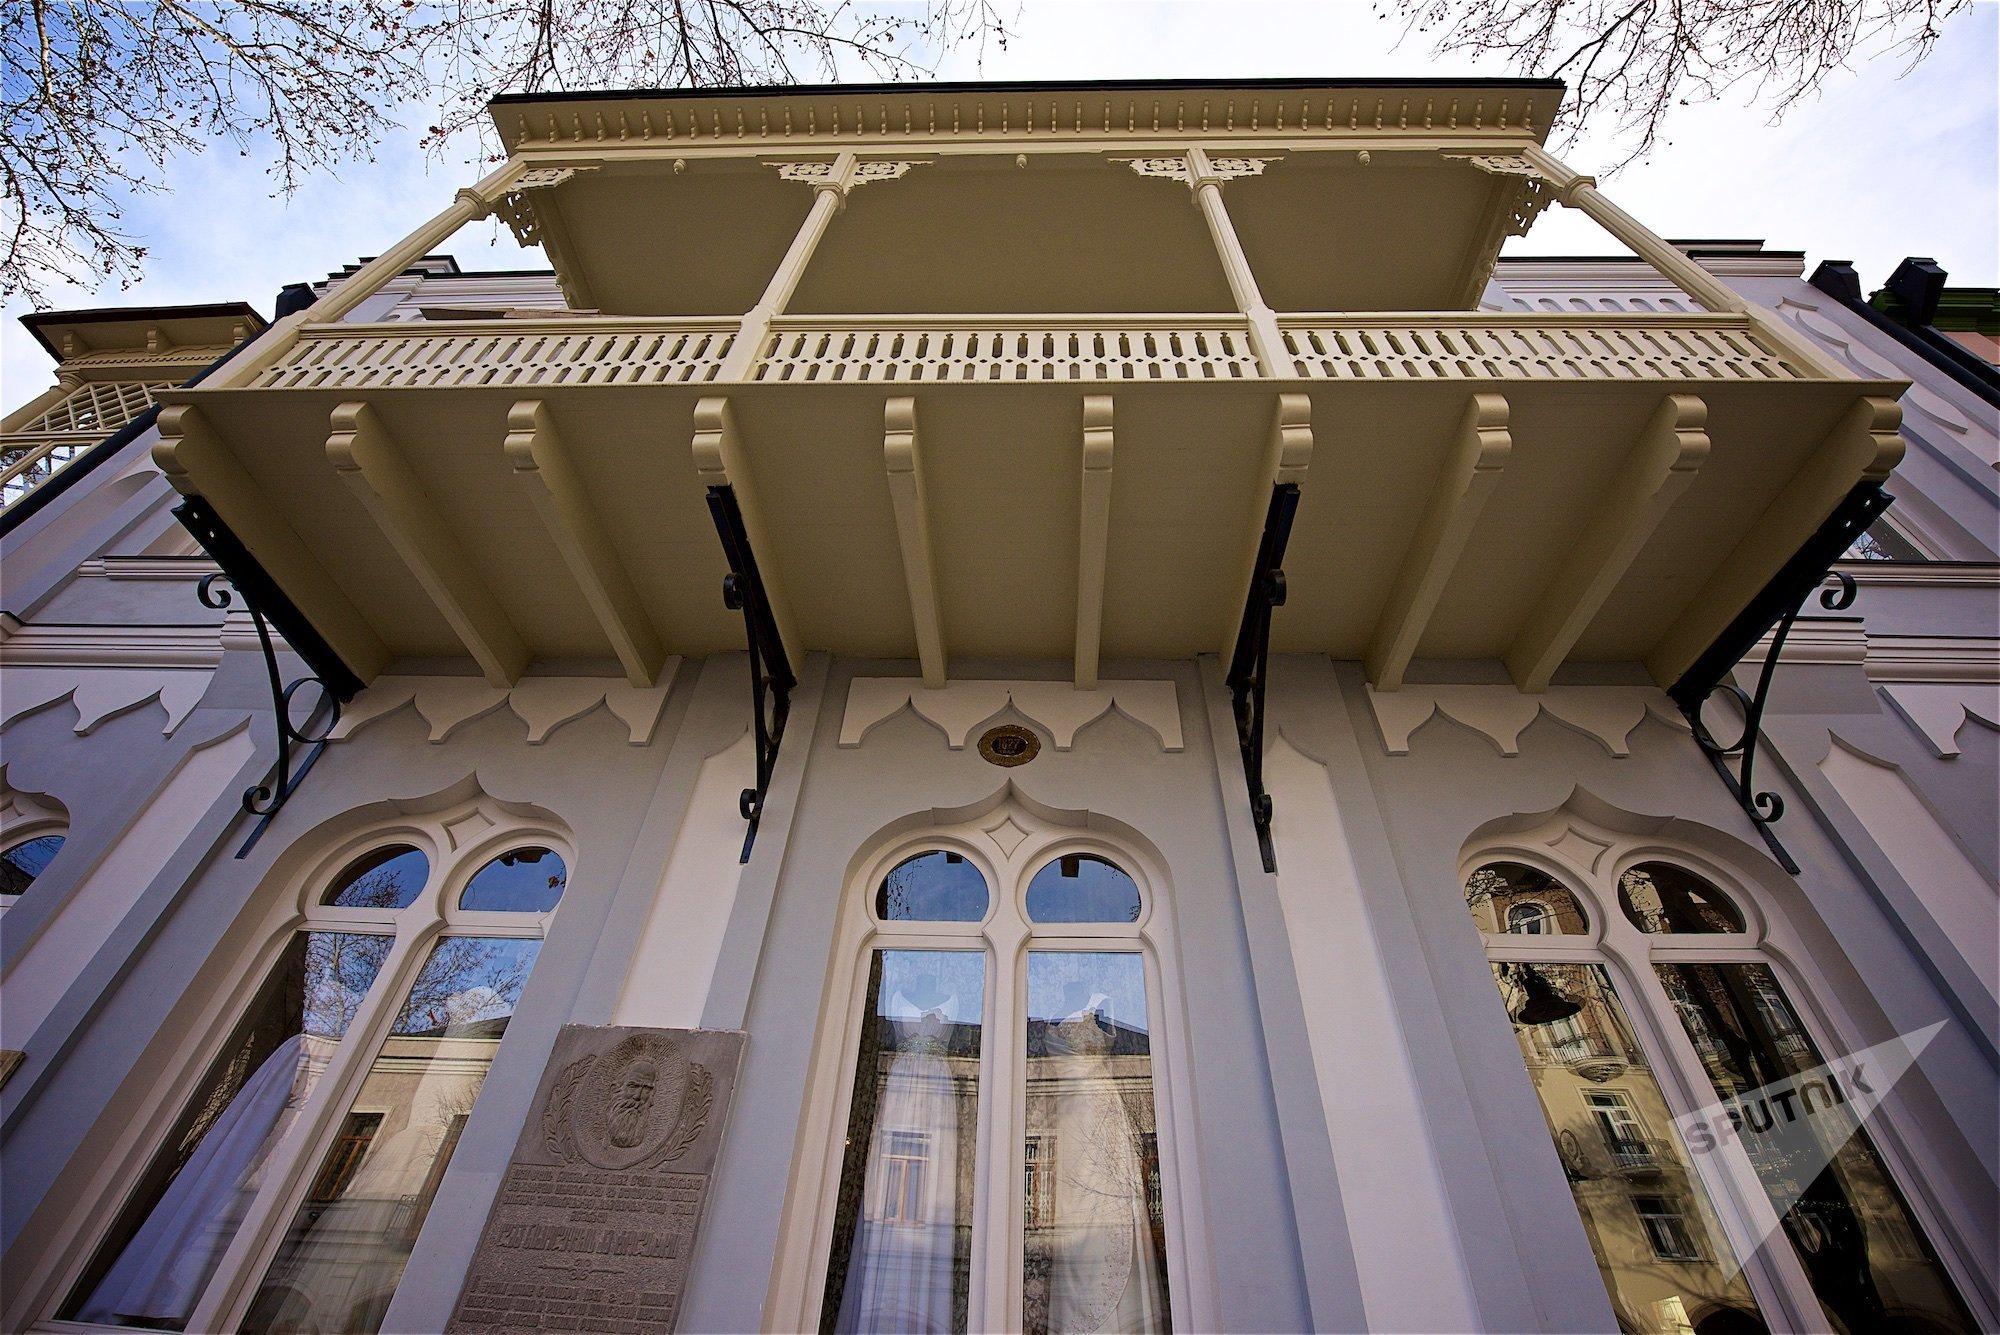 Фасад дома, в котором в Тбилиси жил Лев Толстой, недавно был отреставрирован. В нем расположен магазин свадебных платьев, а в подвале - детский театр